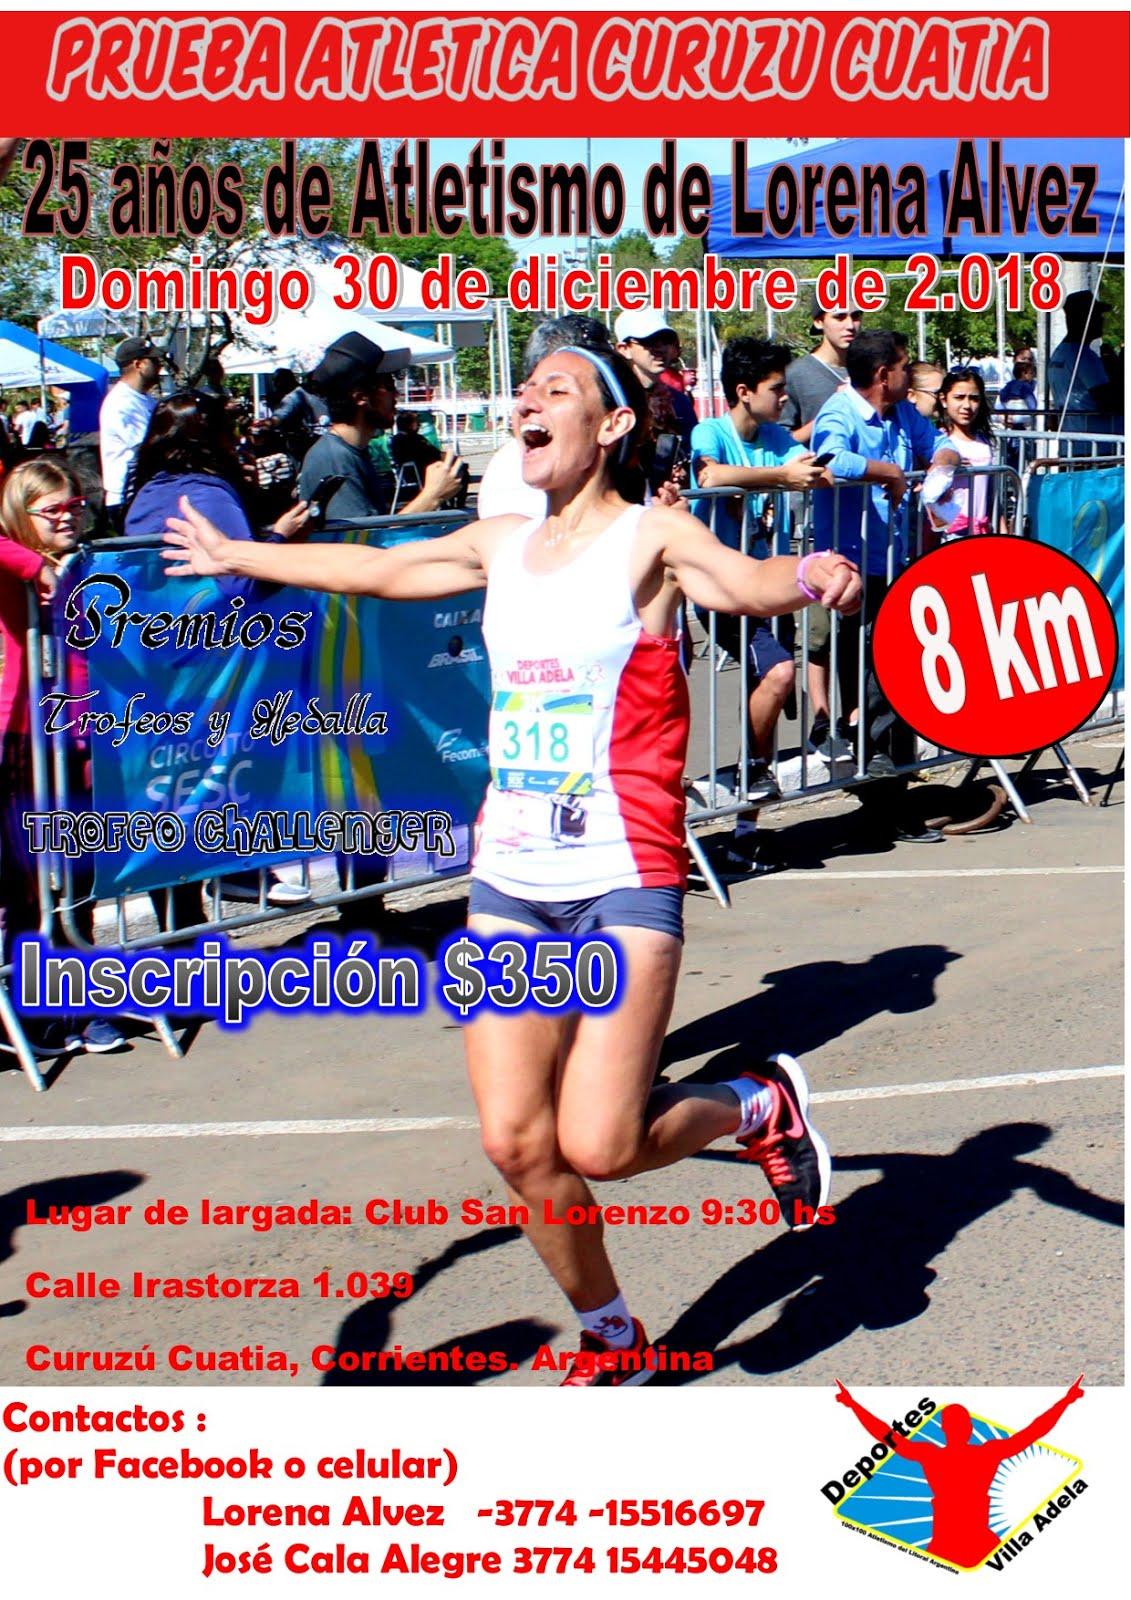 Aniv. 25 años del atletismo Lorena Alvez